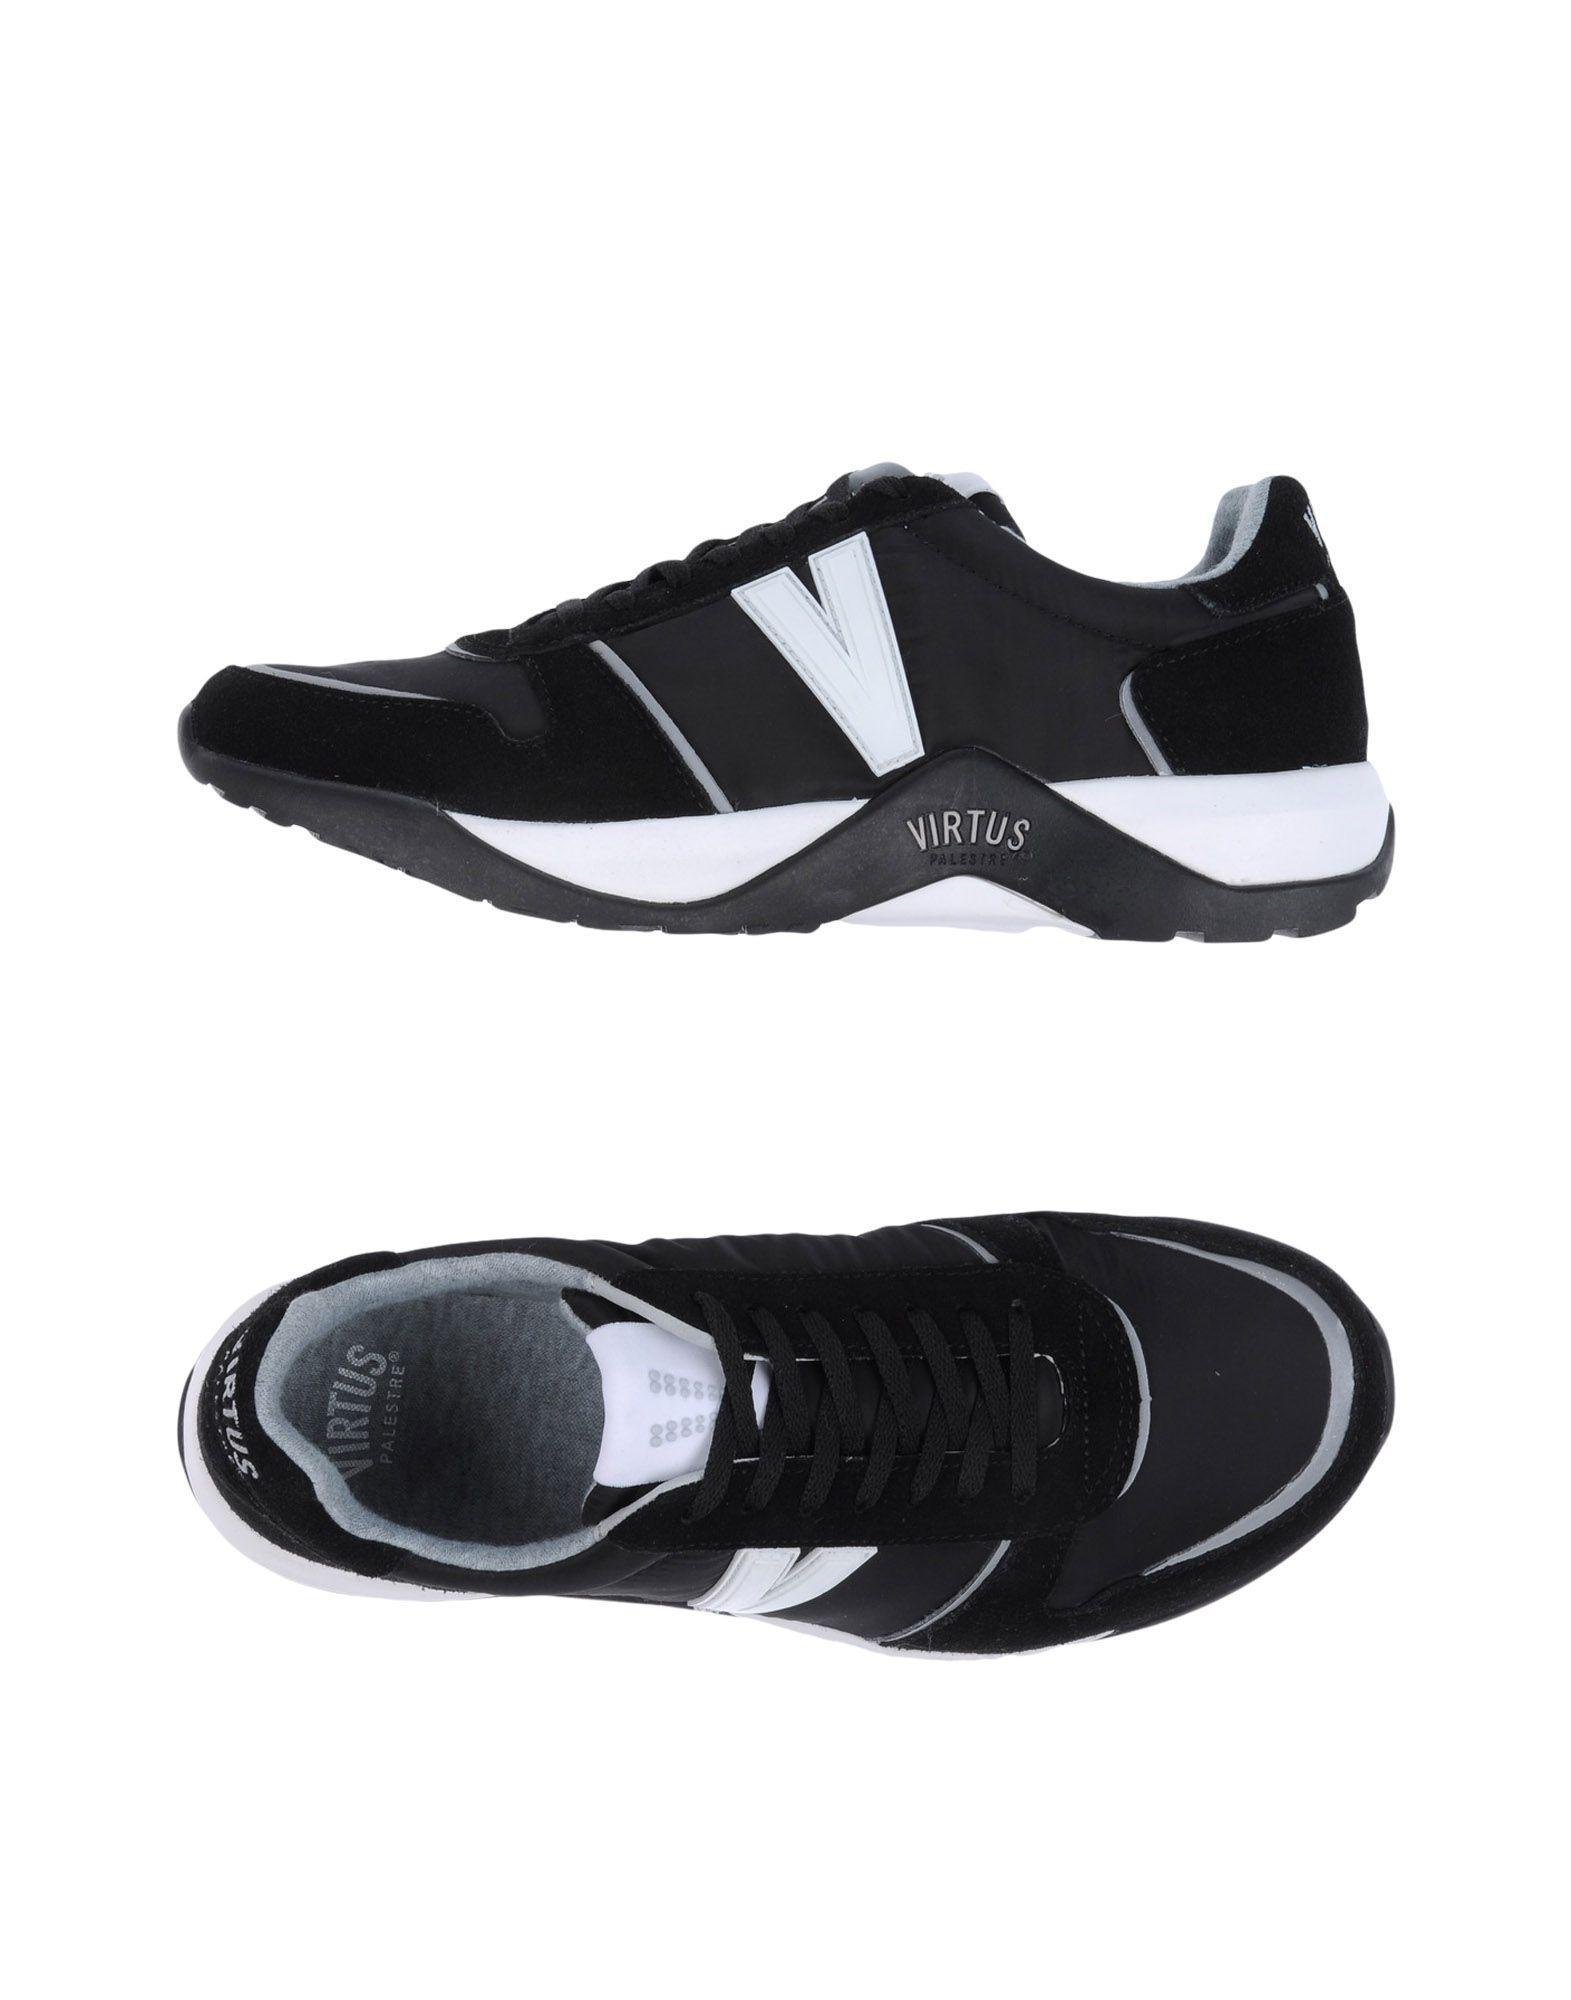 FOOTWEAR - Low-tops & sneakers Virtus Palestre WvPK45lYl